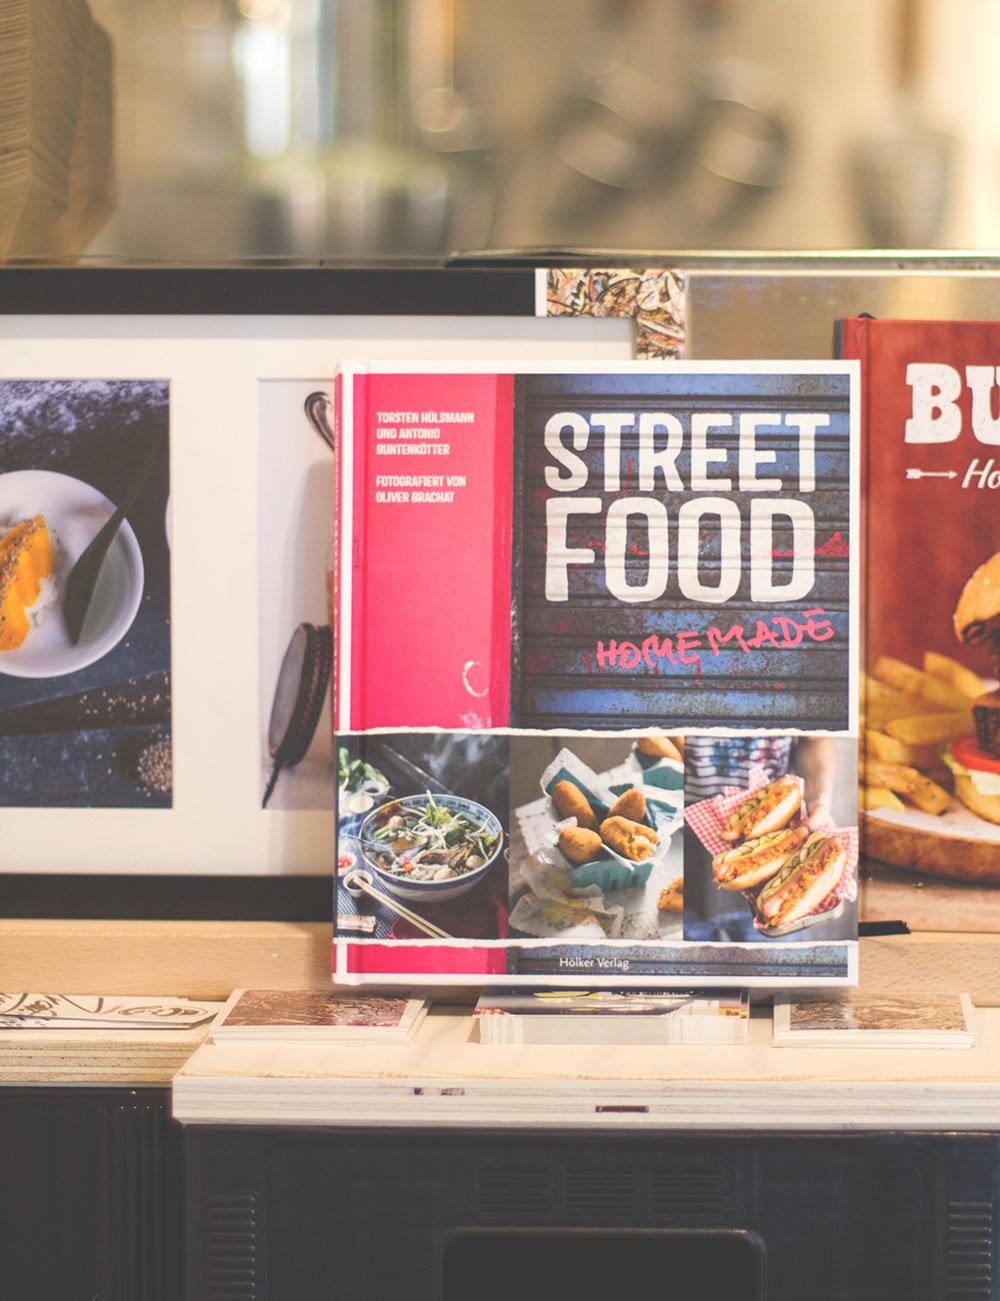 Kochbuch Street Food Homemade von Torsten und Antonio von der Strassenküche